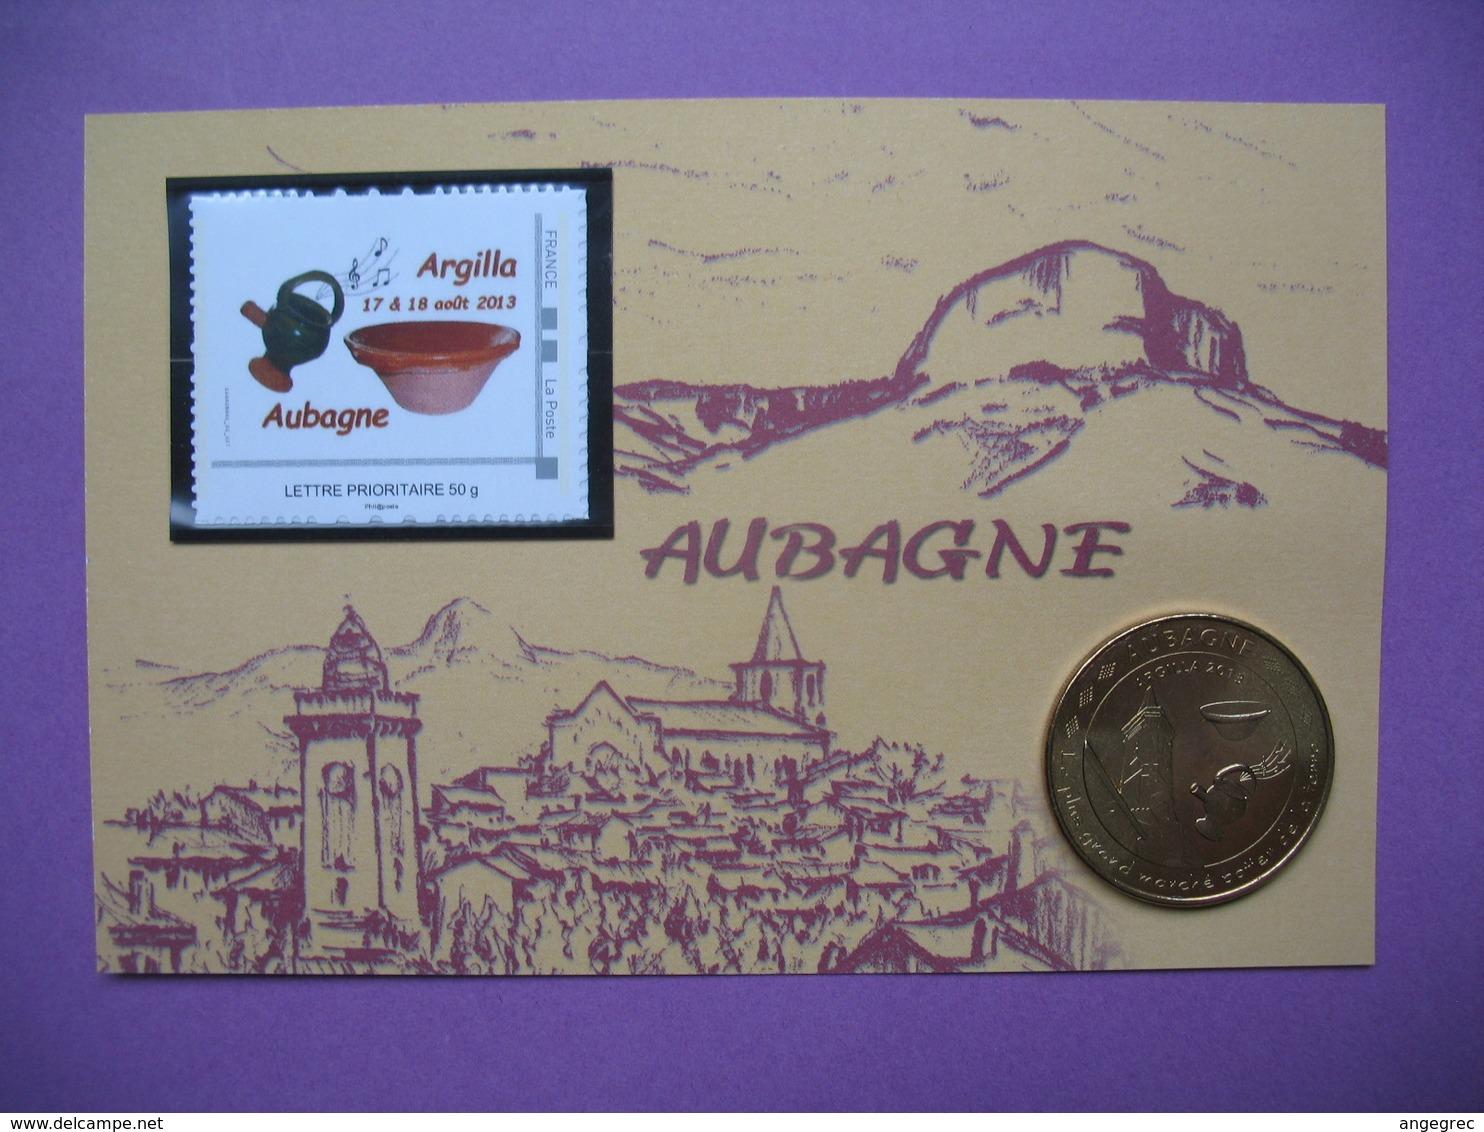 """Pièce De Collection Aubagne Philatélie   N° 105/120  Argilla 2013 """"Le Plus Grand Marché Potier De La Terre"""" Avec Timbre - France"""